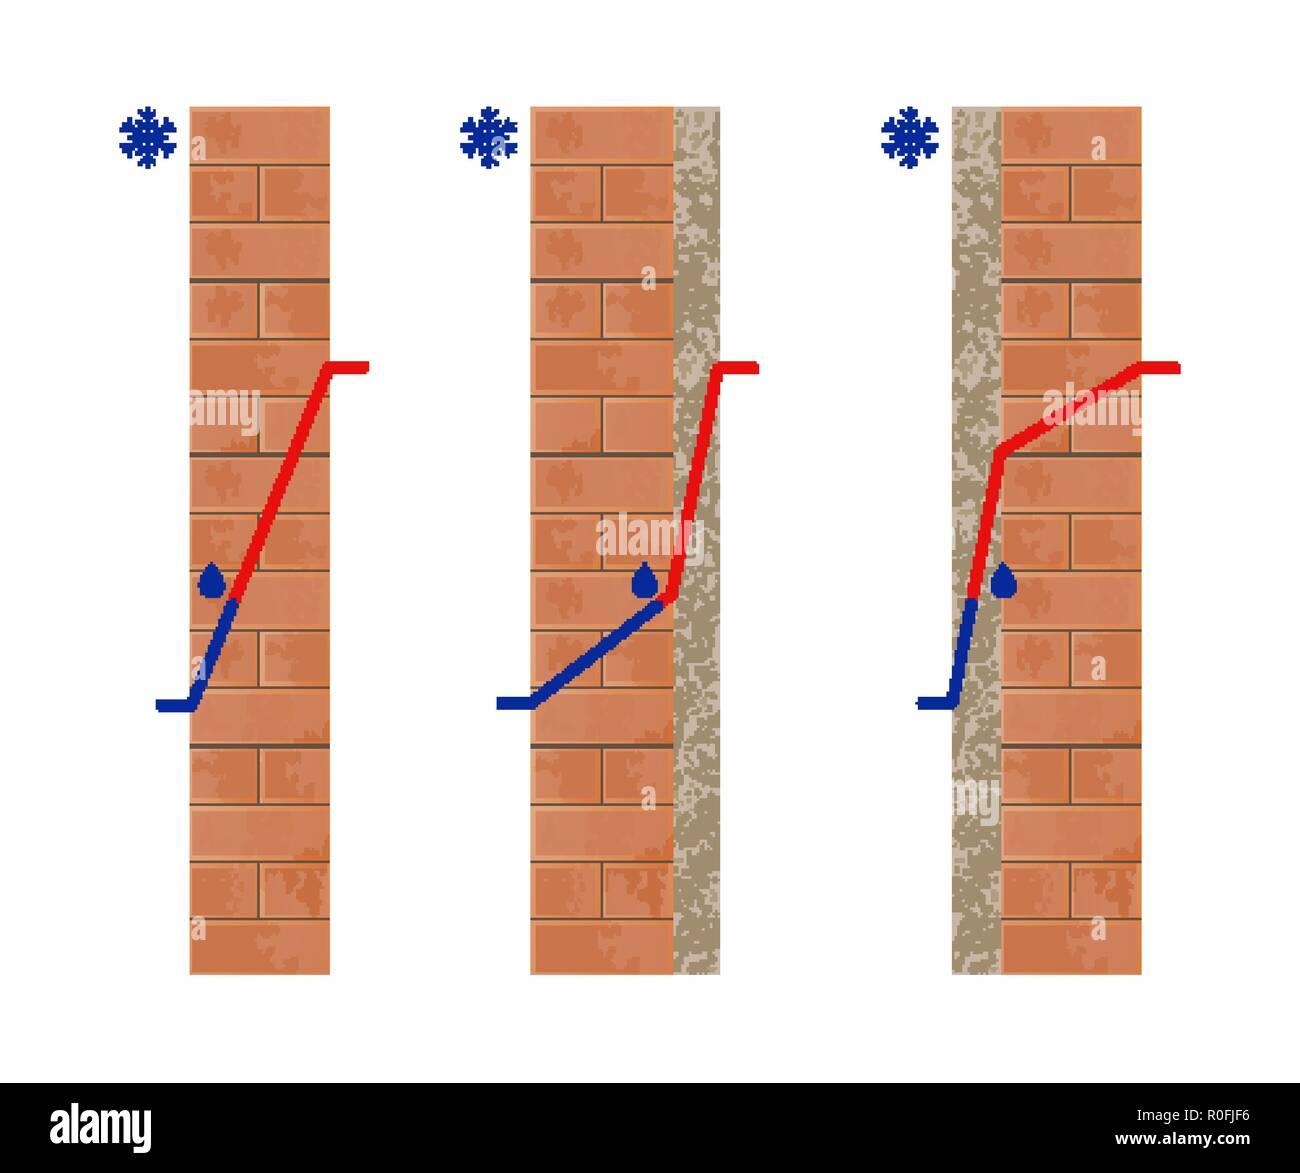 [Imagen: punto-de-rocio-en-una-pared-aislamiento-...r0fjf6.jpg]